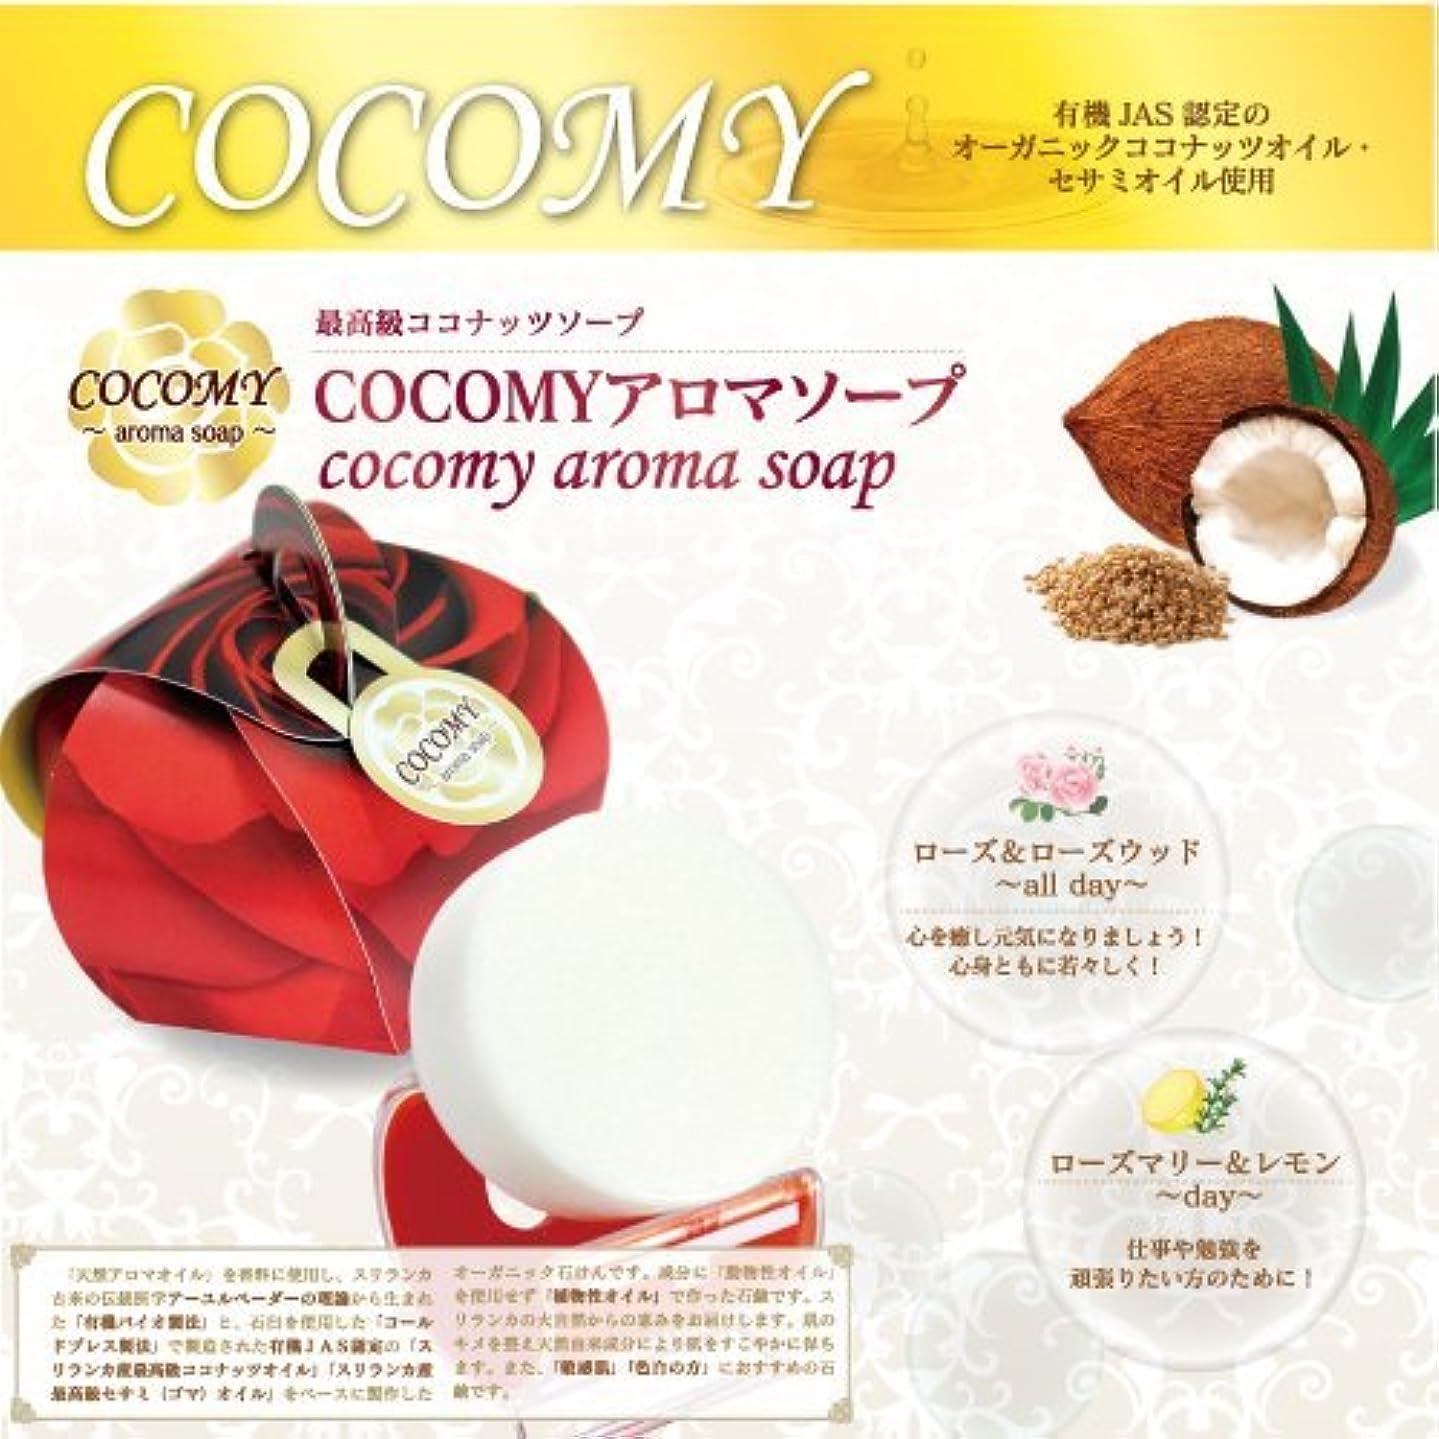 後者出発集中的なCOCOMY aromaソープ 4個セット (ローズマリー&レモン)(ローズ&ローズウッド) 40g×各2